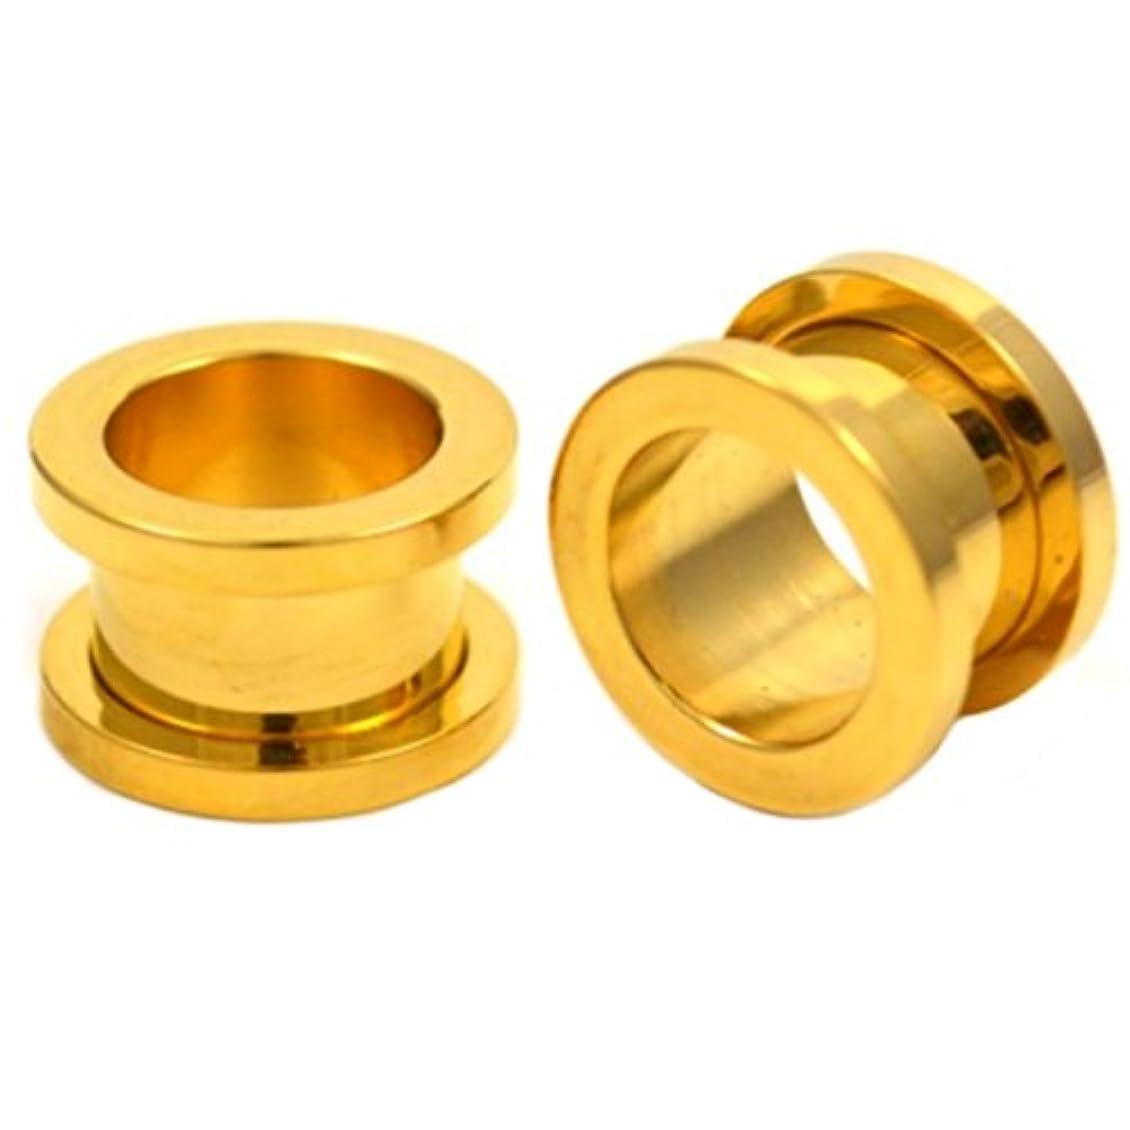 分類くしゃくしゃ描写ペア(2 ) ゴールドカラーIP/スチールスクリューフィットトンネルピアスプラグ耳ゲージ – 1 /2インチ(12 mm)